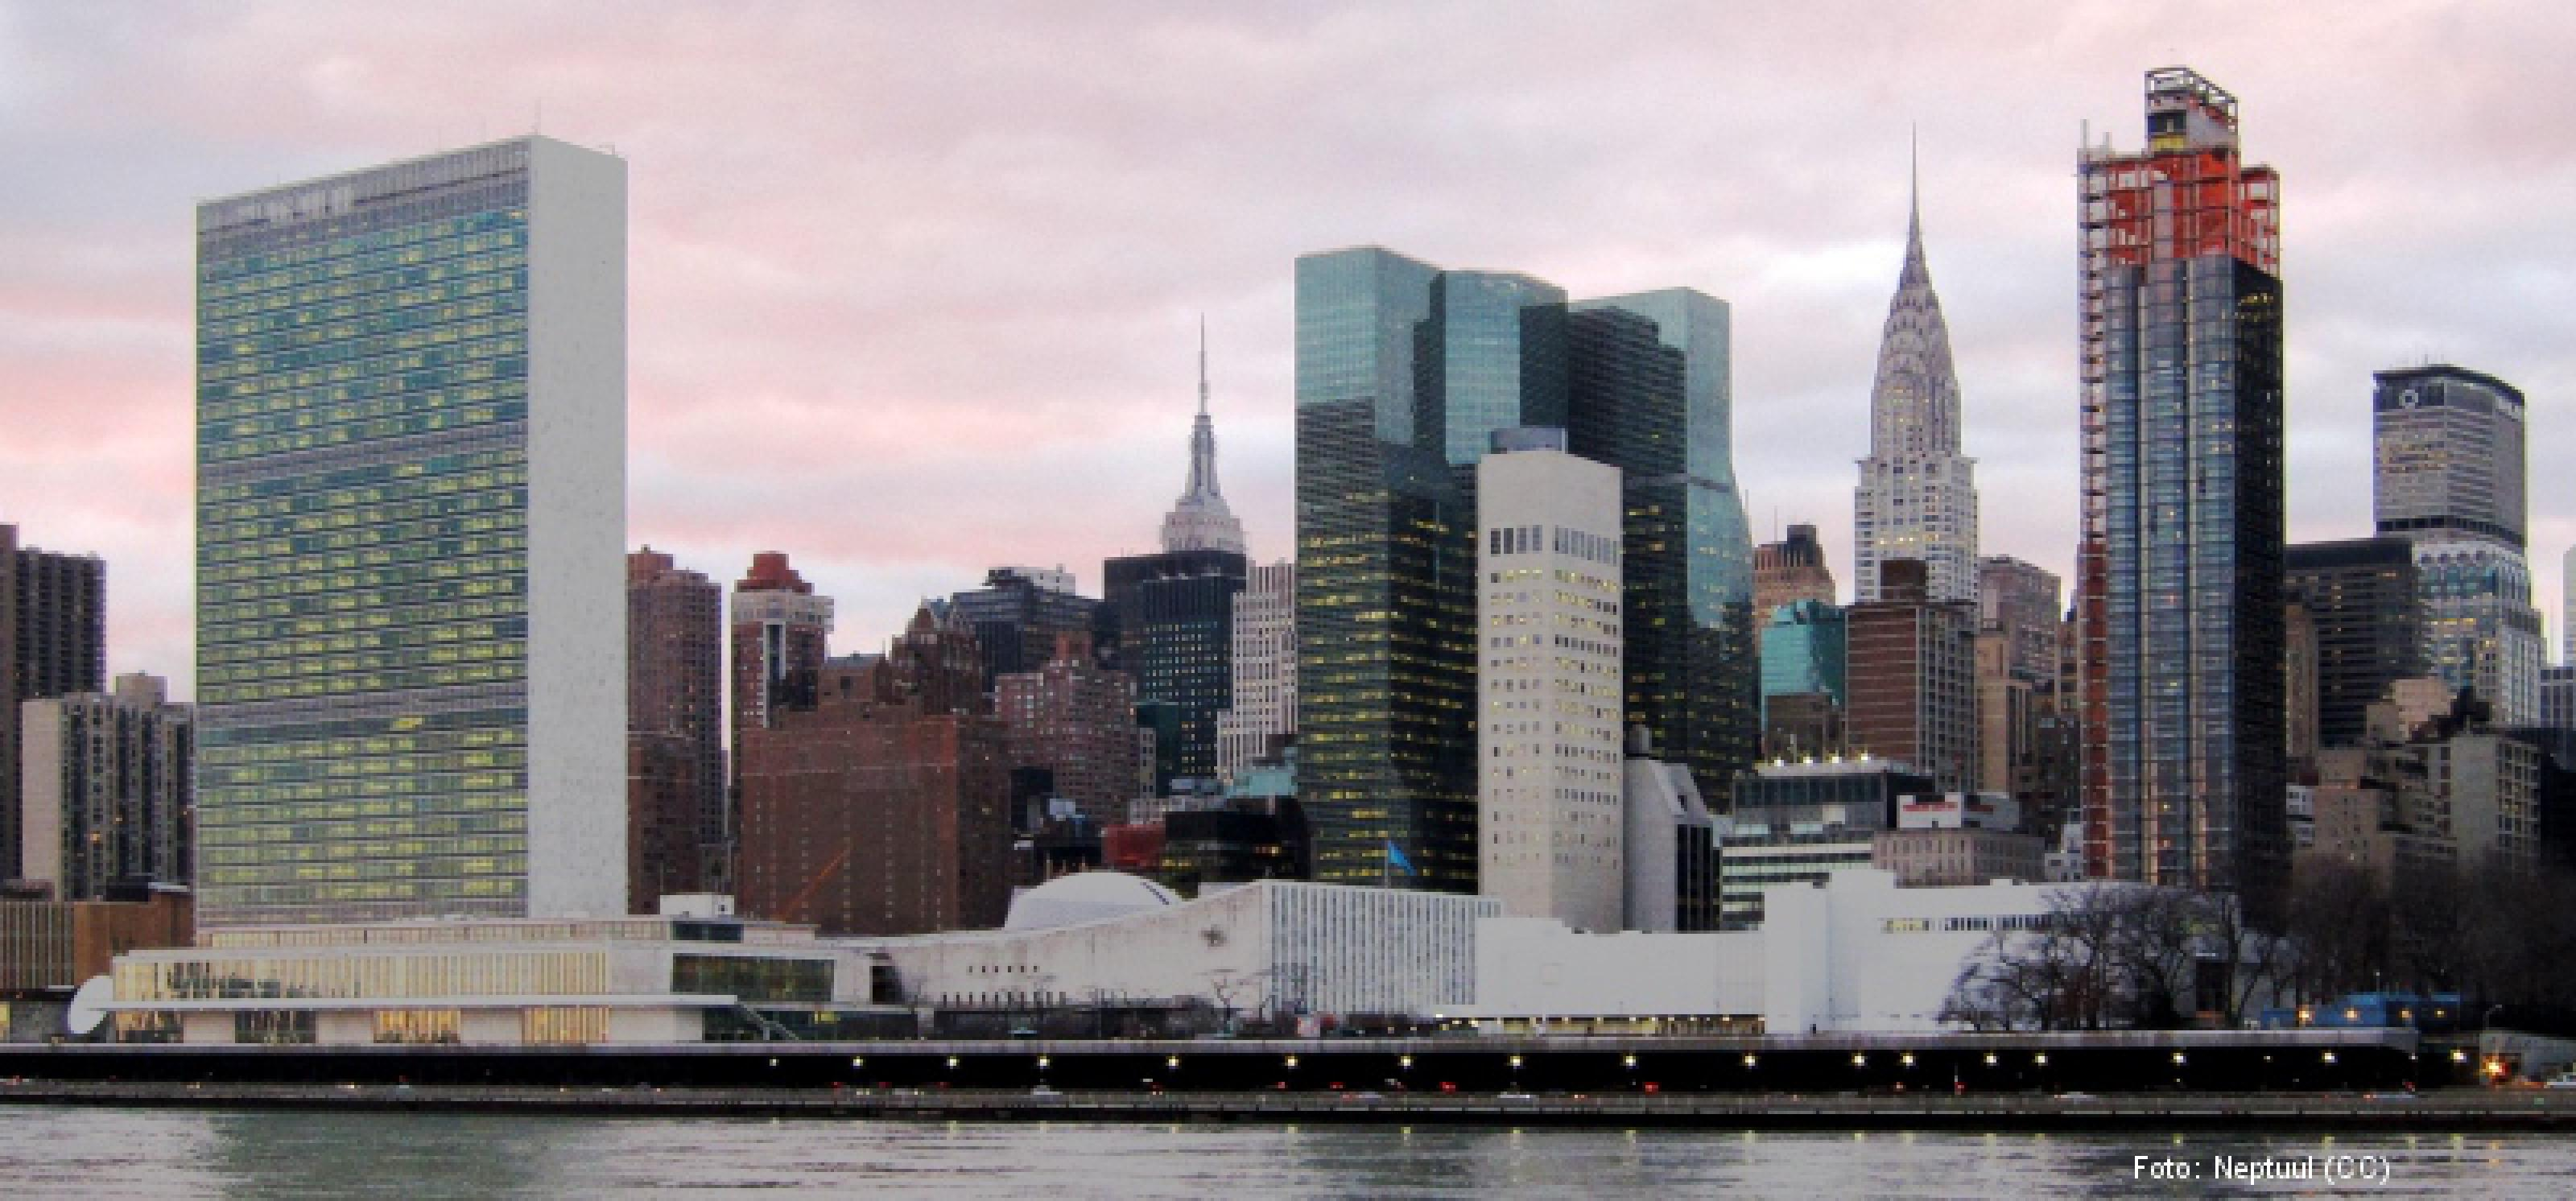 UN-Hauptquartier in New York